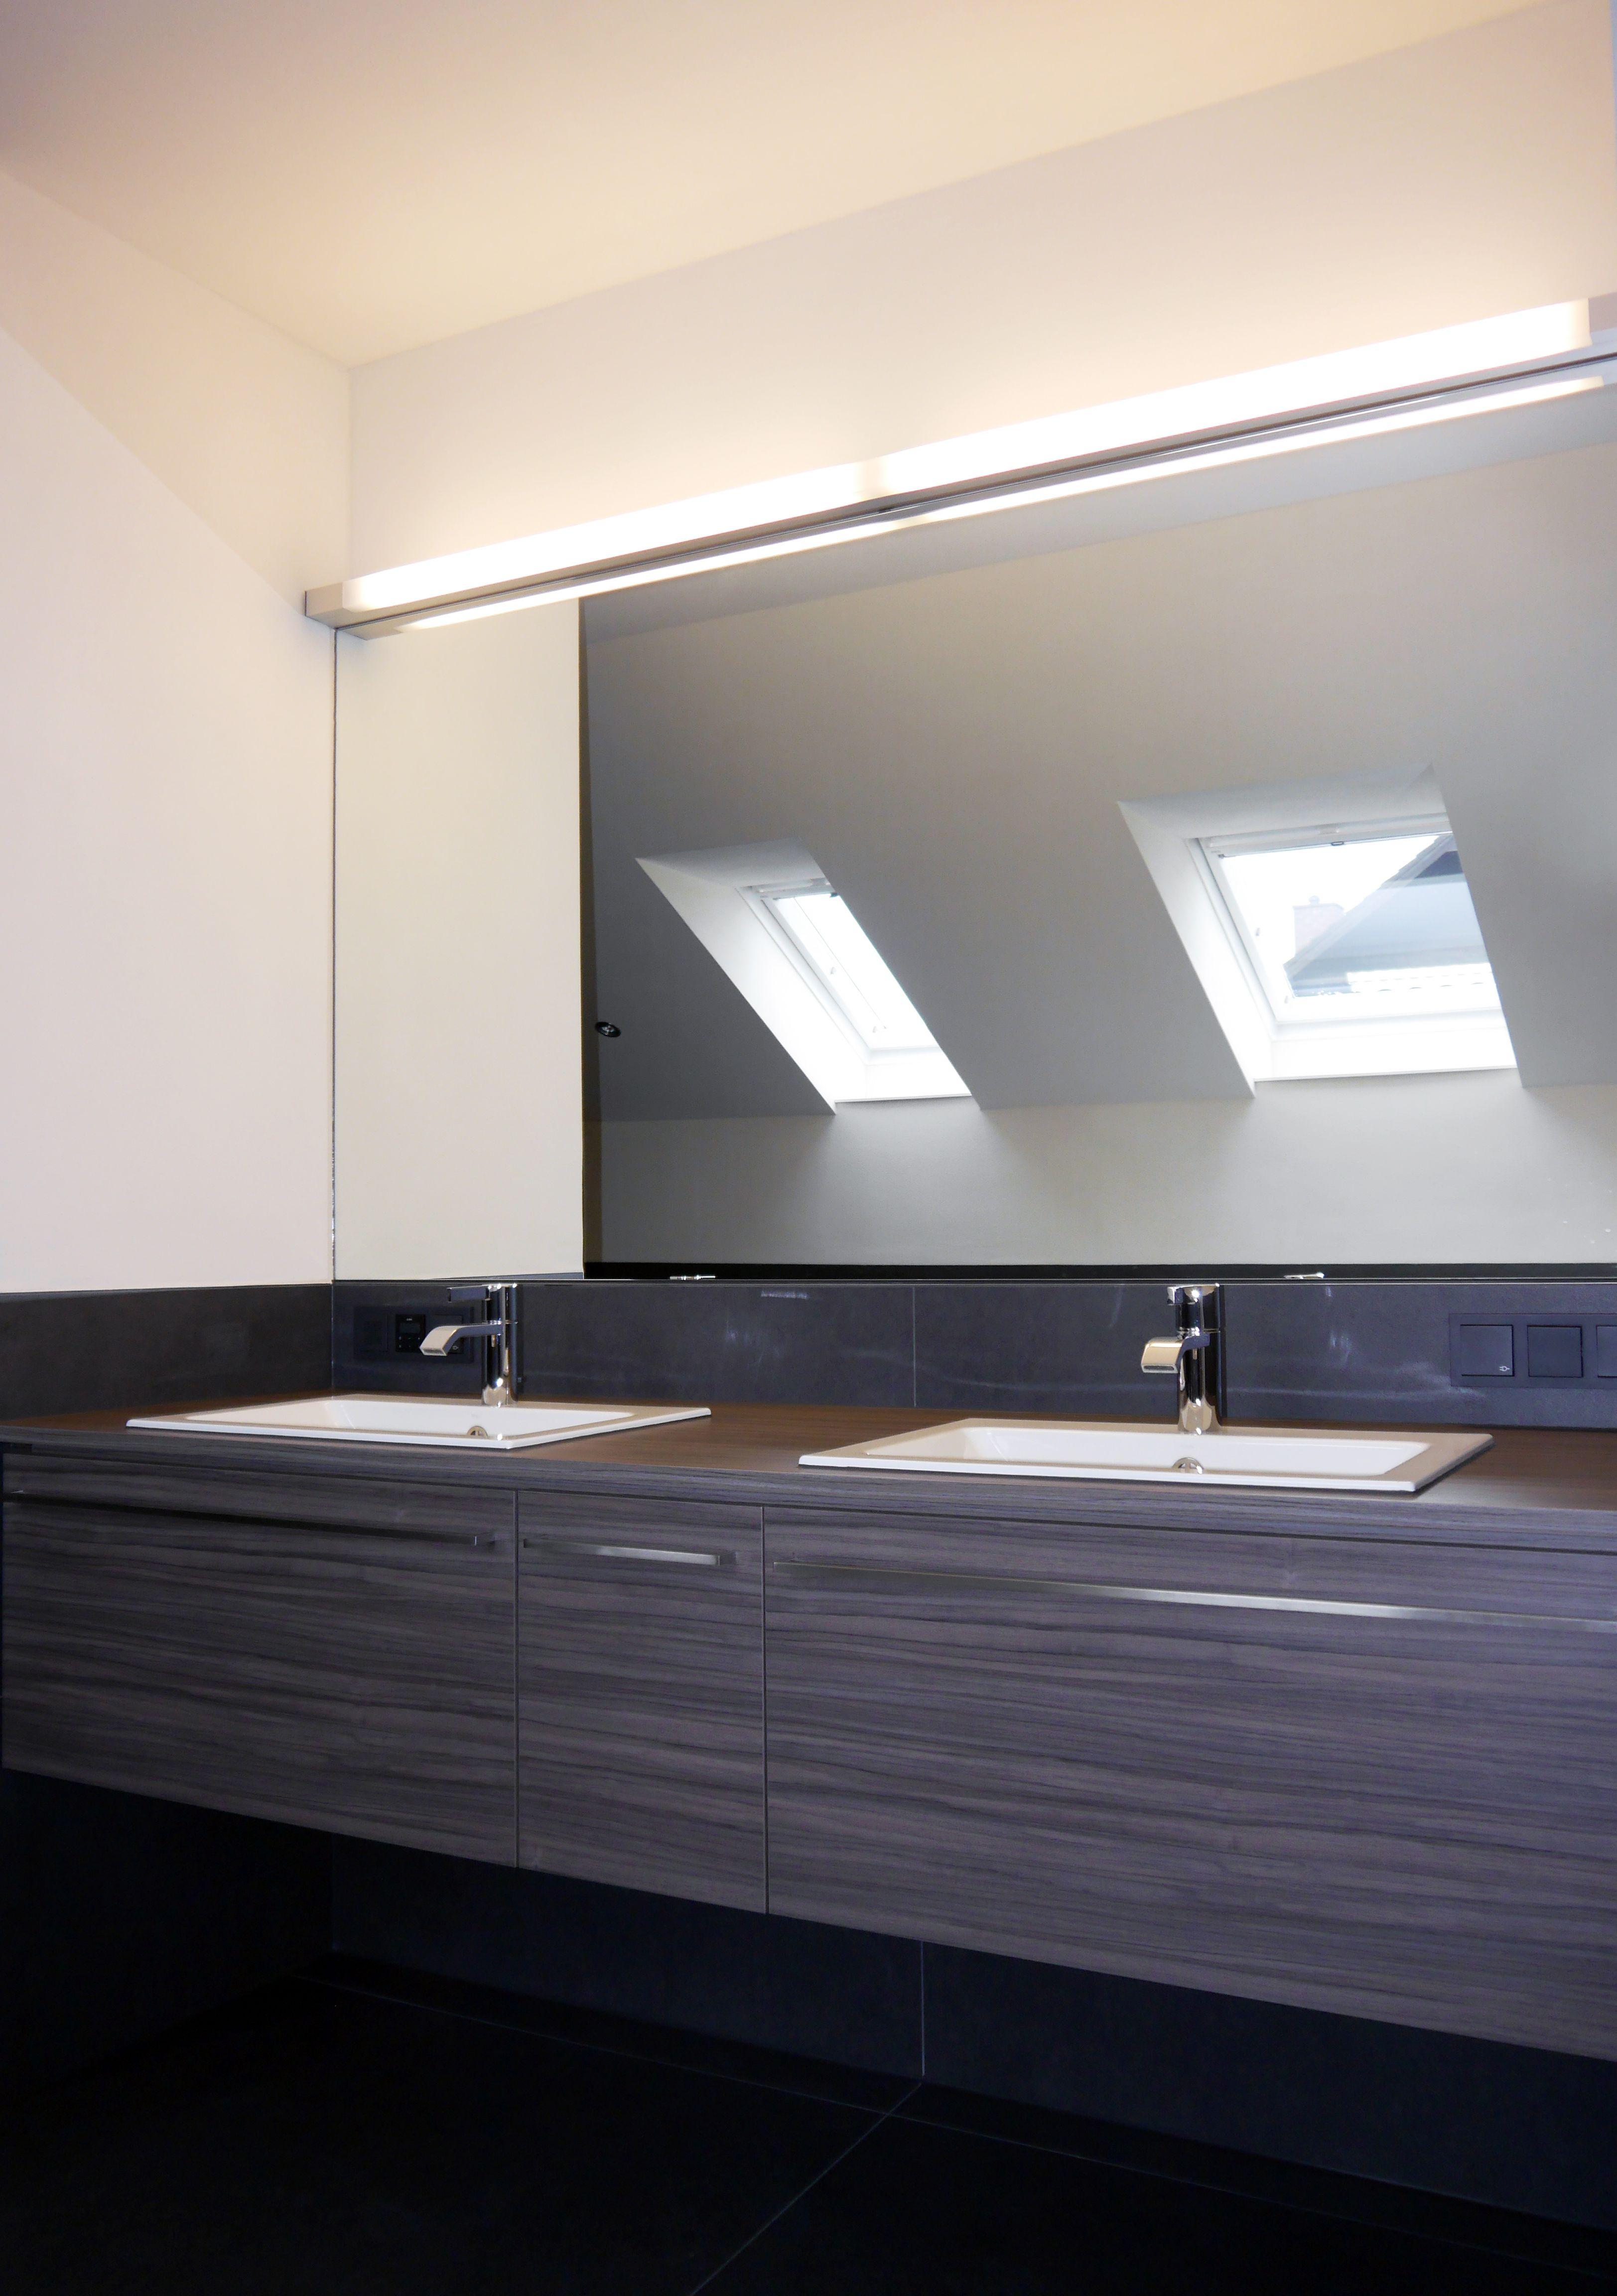 Waschtisch Mit Spiegel Innenarchitektur Wohnen Spiegel Waschtisch